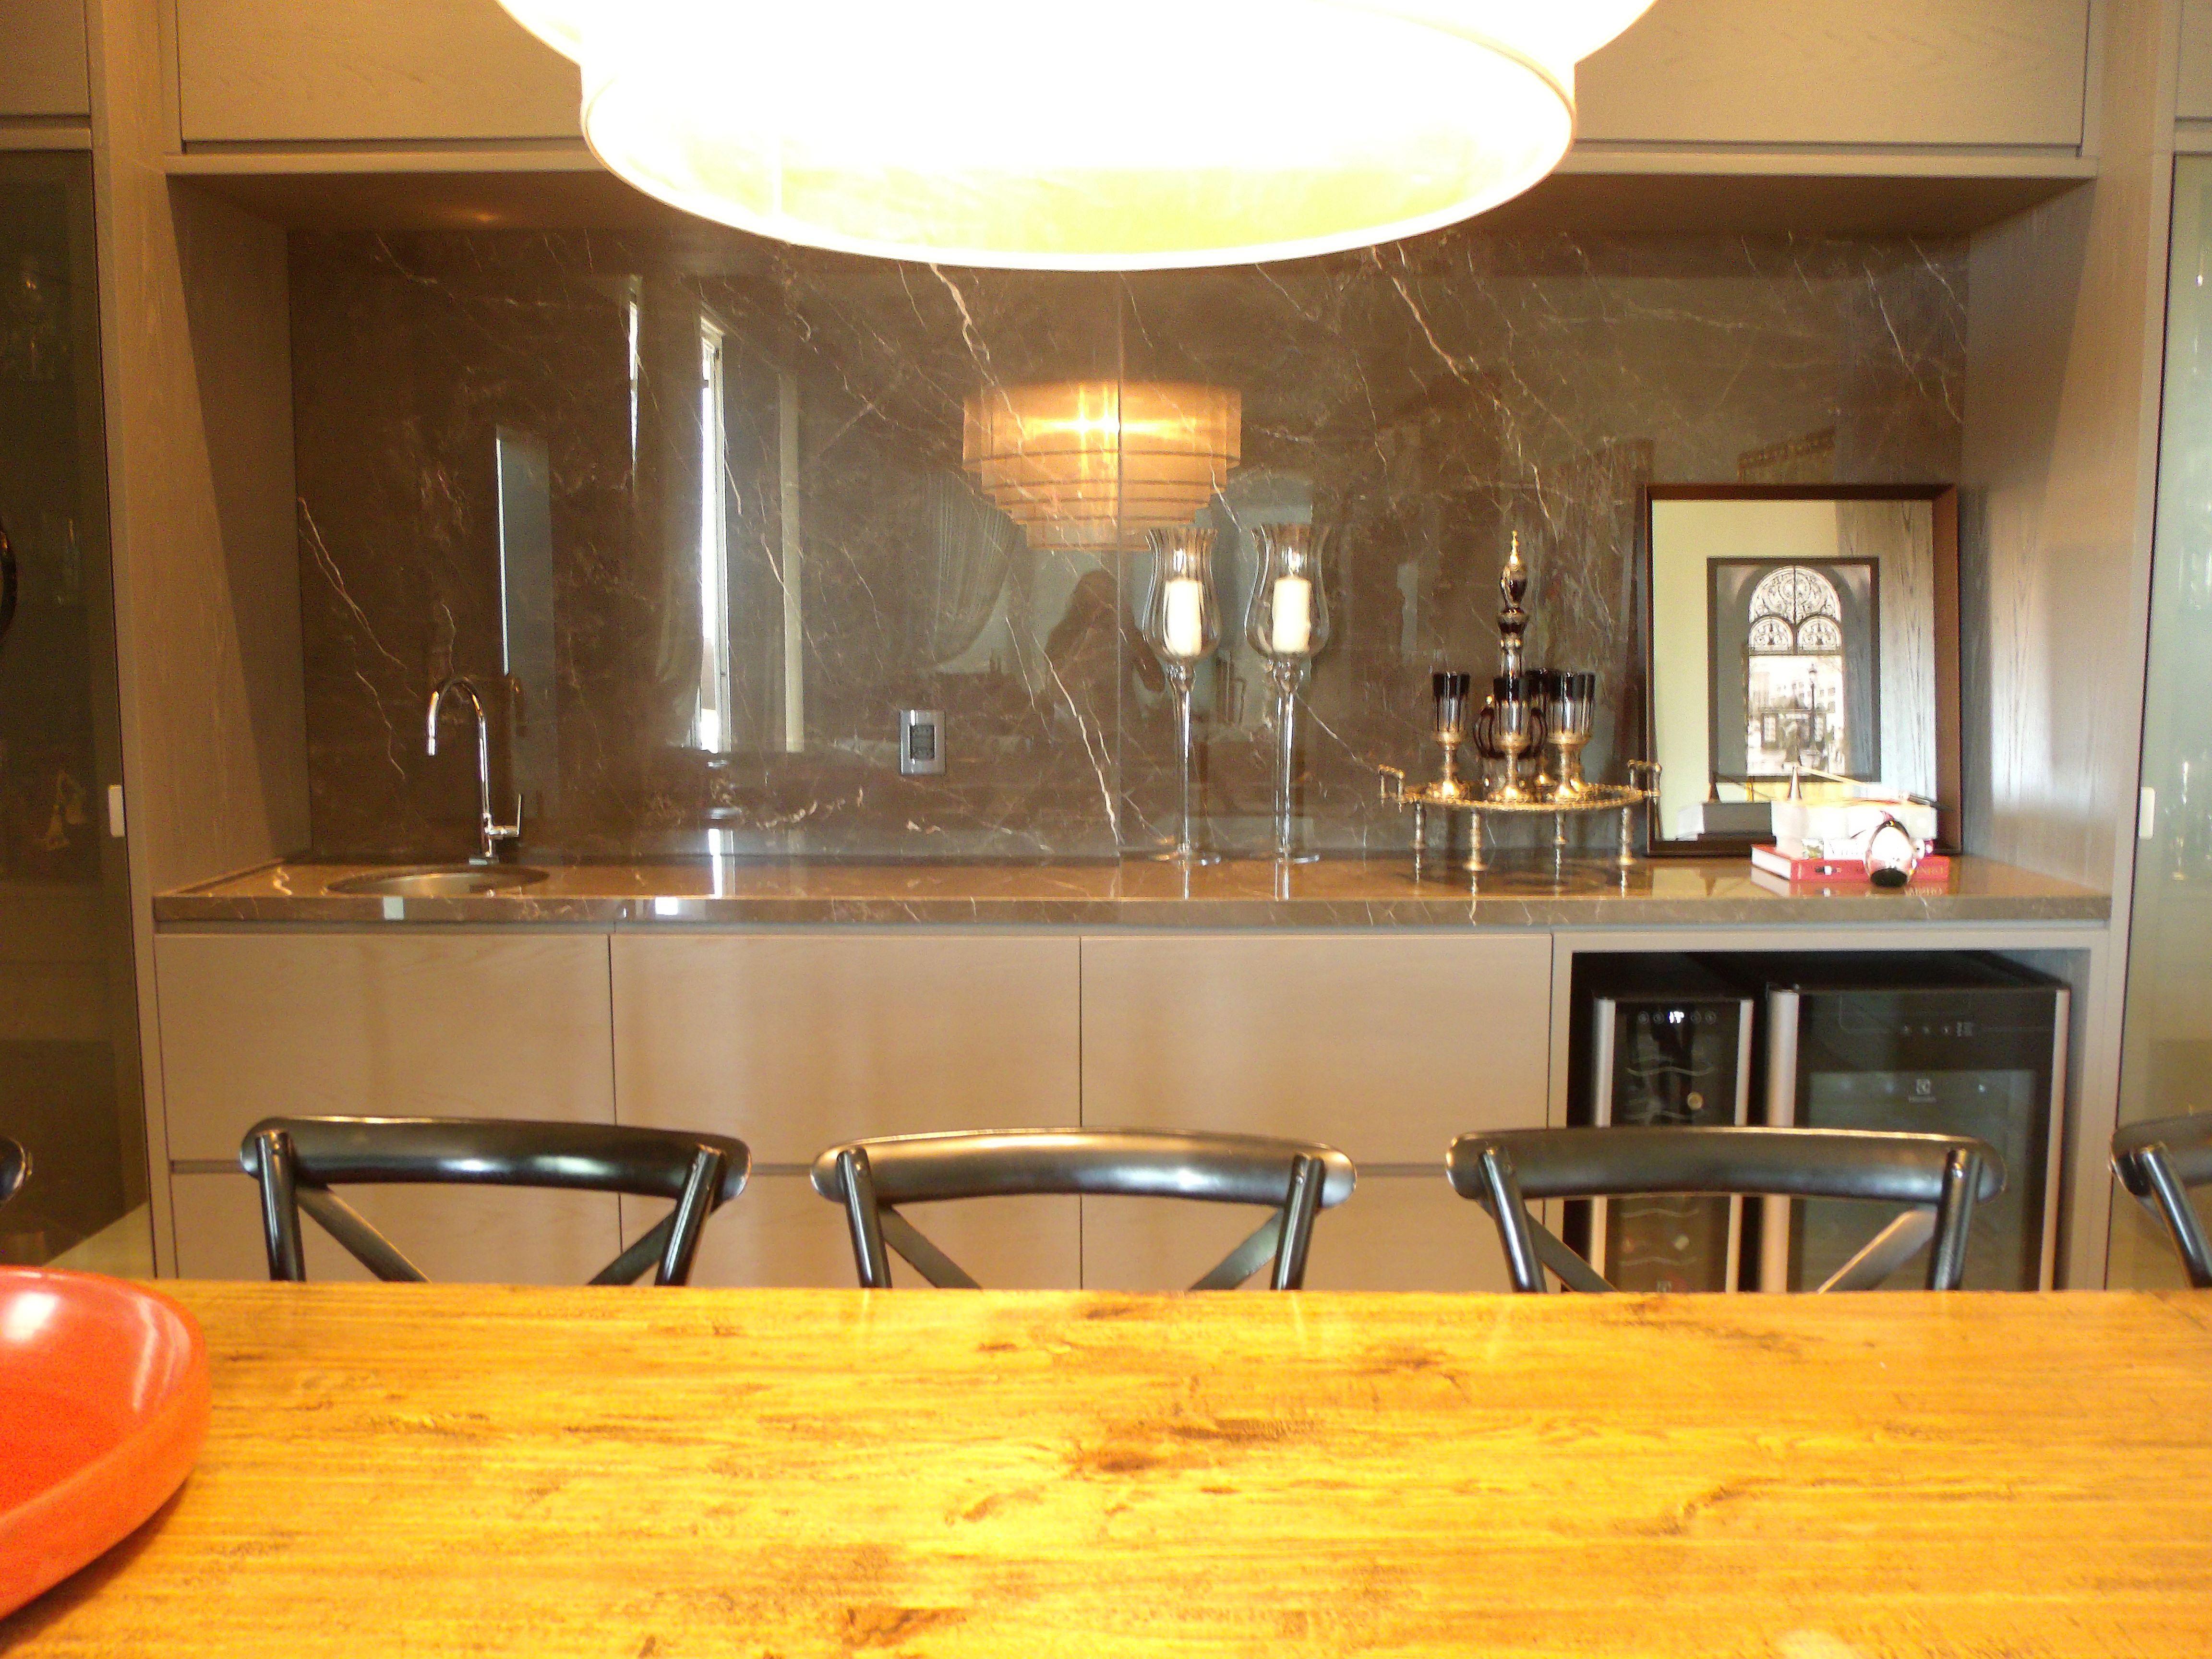 #C99002 Projetos Residenciais 4608x3456 px projeto de banheiros residenciais